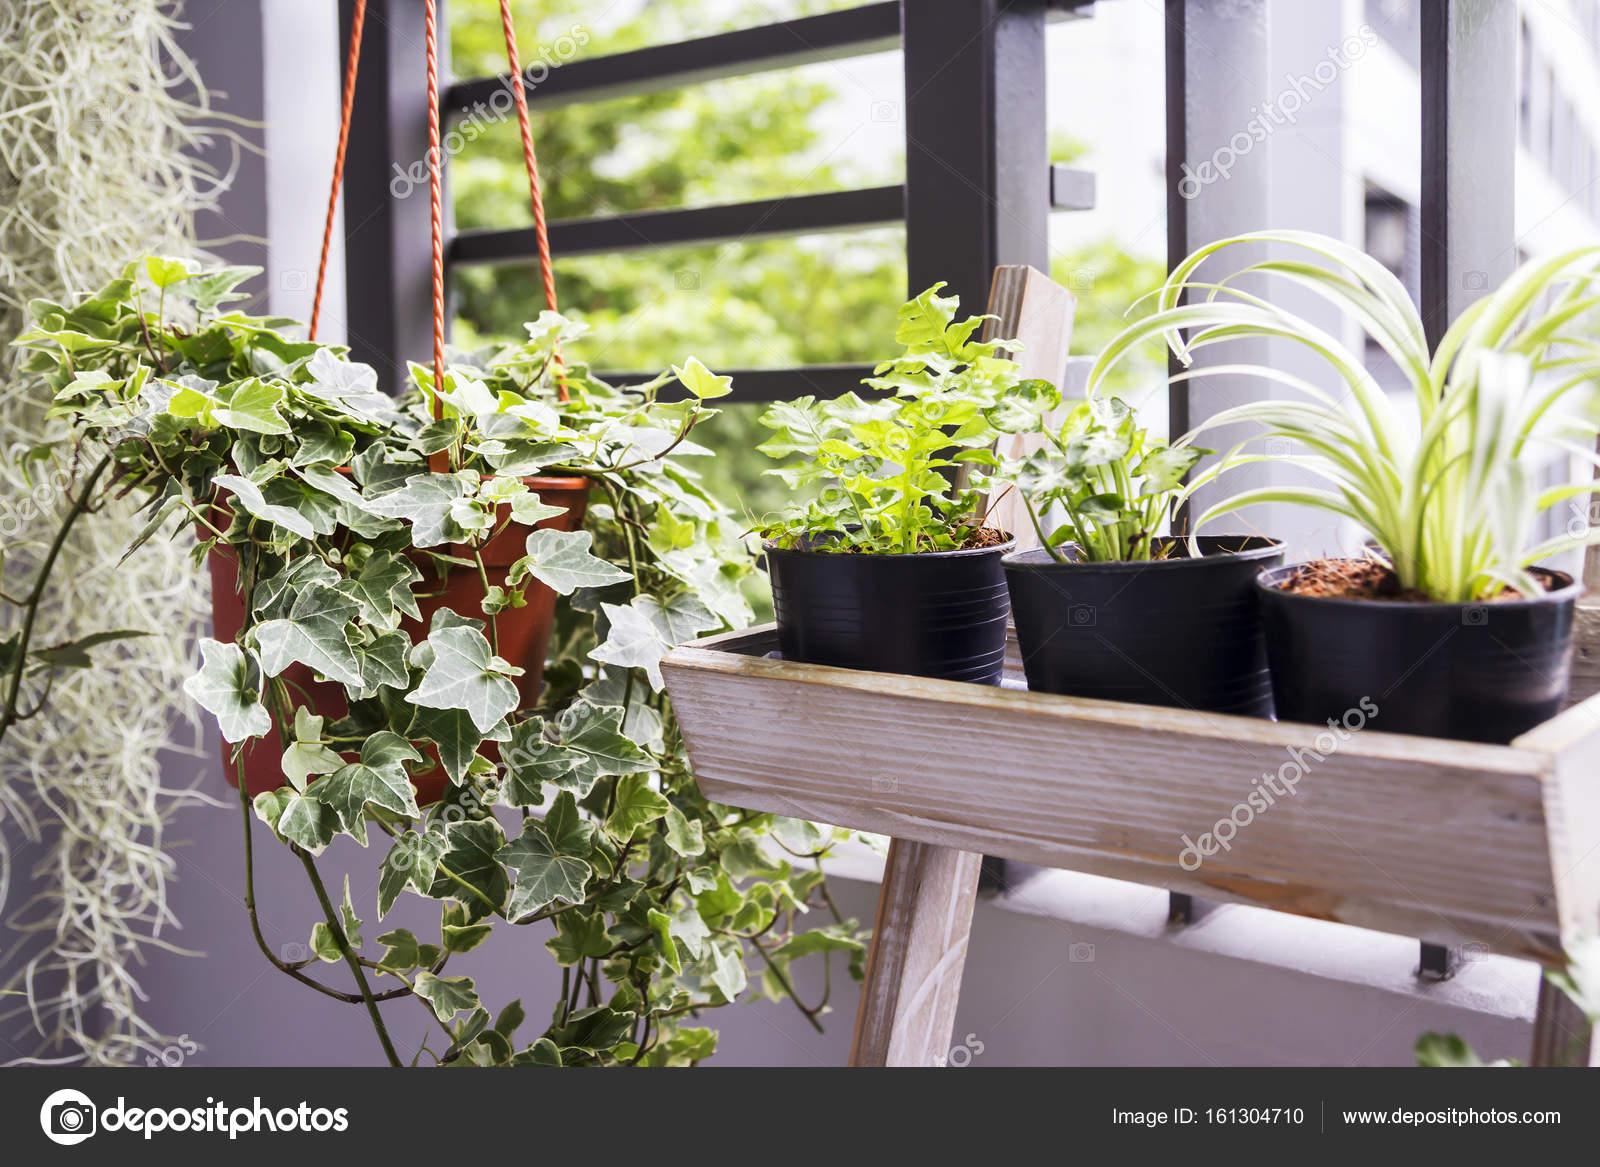 Tuinieren Op Balkon : Huis en tuin concept van engels klimop plant in pot op het balkon